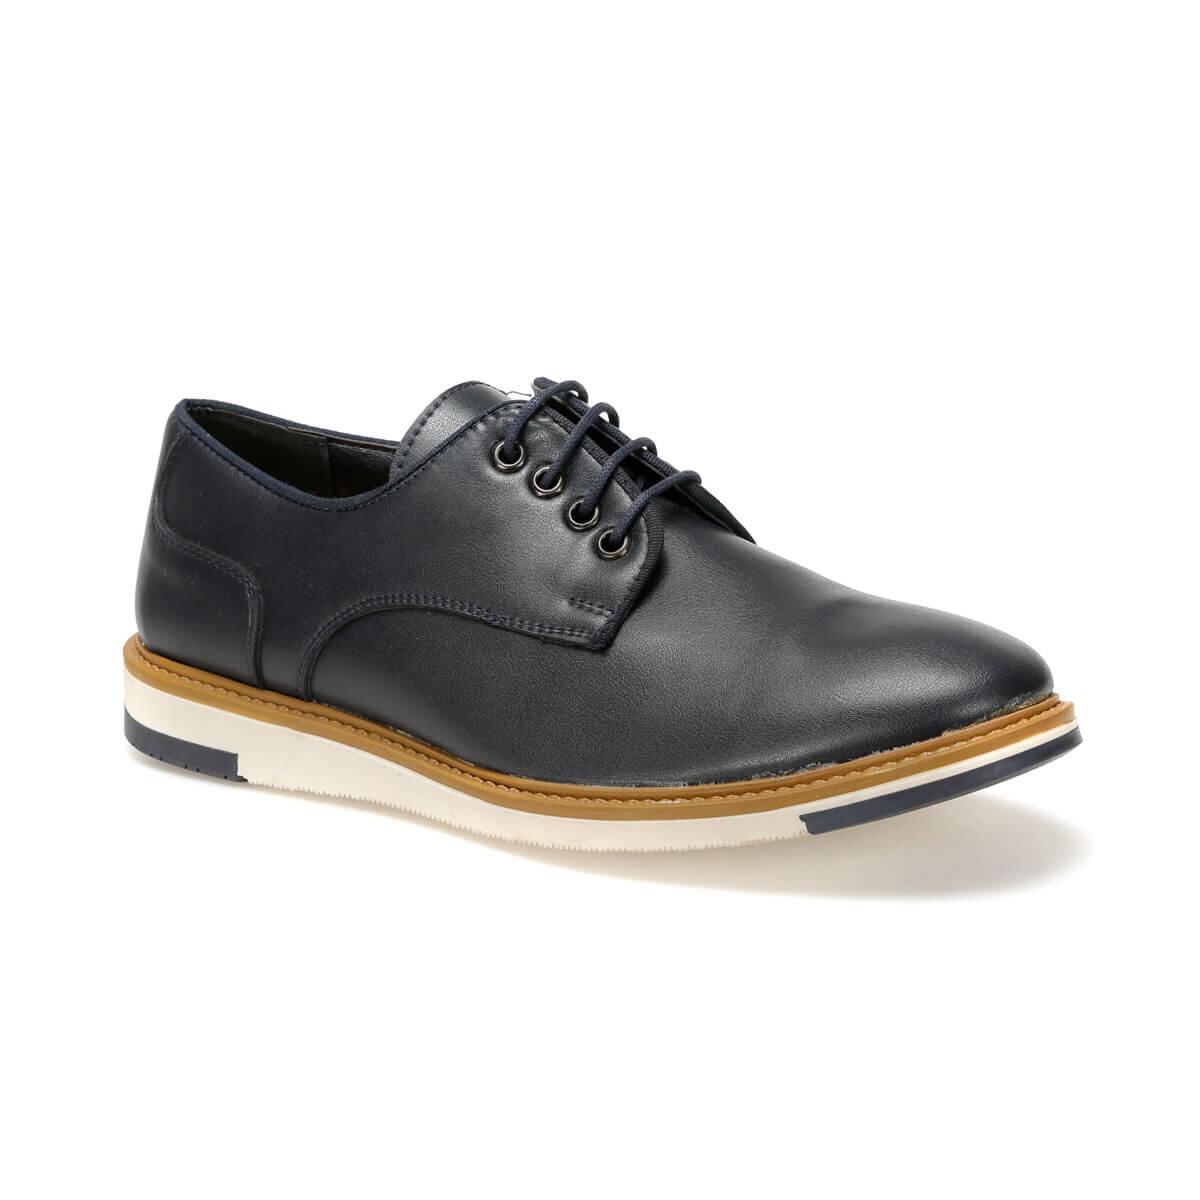 FLO 51066-1 C 19 Navy Blue Men 'S Classic Shoes JJ-Stiller